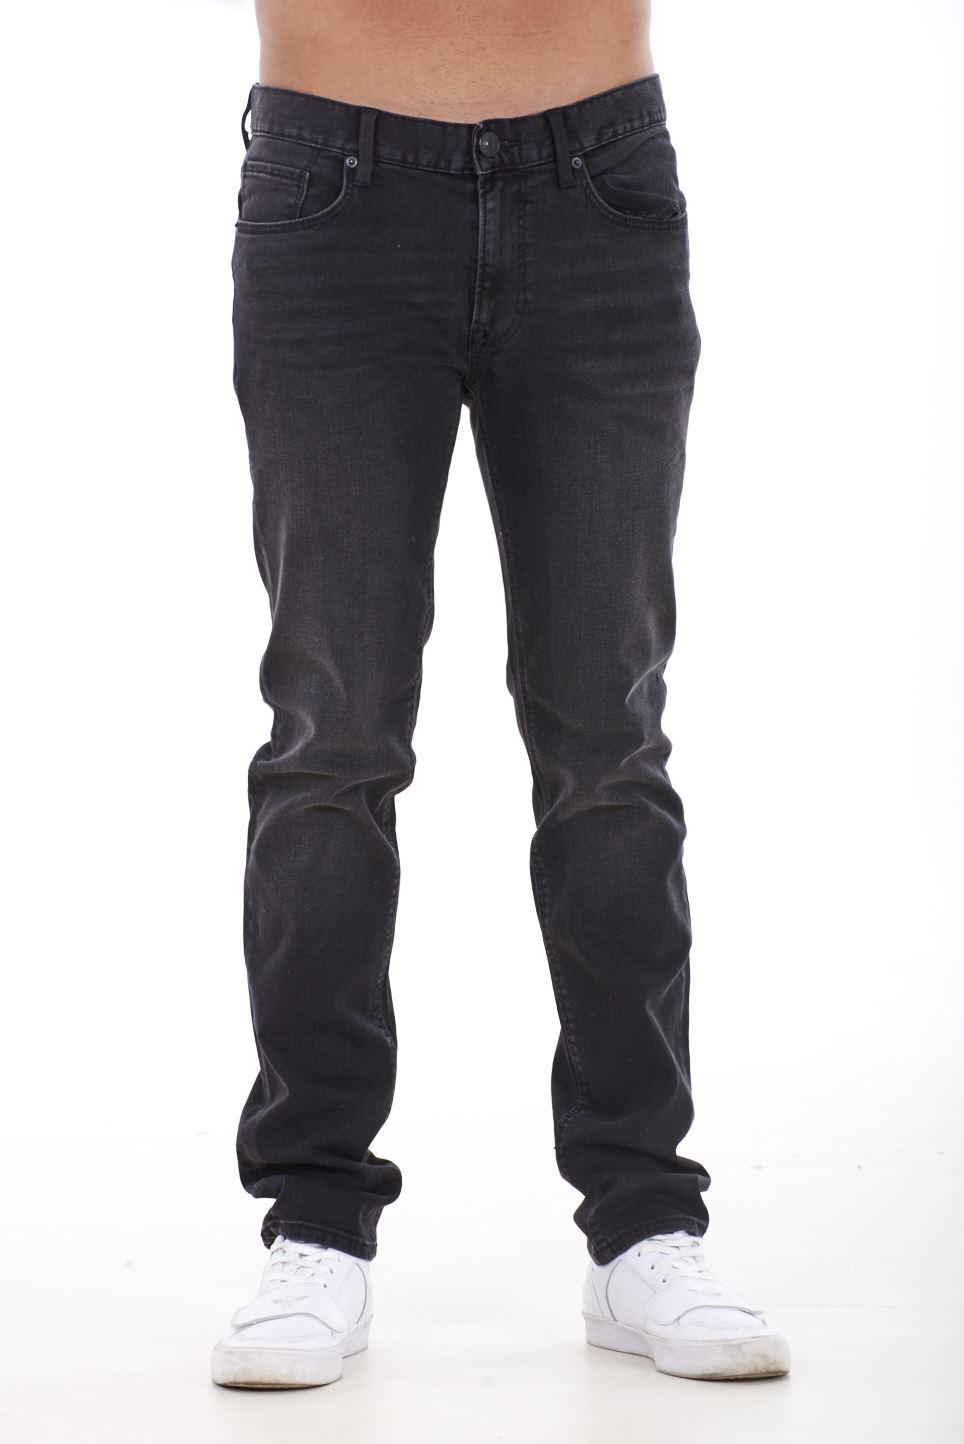 NUOVA-Linea-Uomo-Ragazzi-Slim-Fit-Stretch-Qualita-Jeans-Regolare-Pantaloni-con-marchio-SMART-30-40 miniatura 3